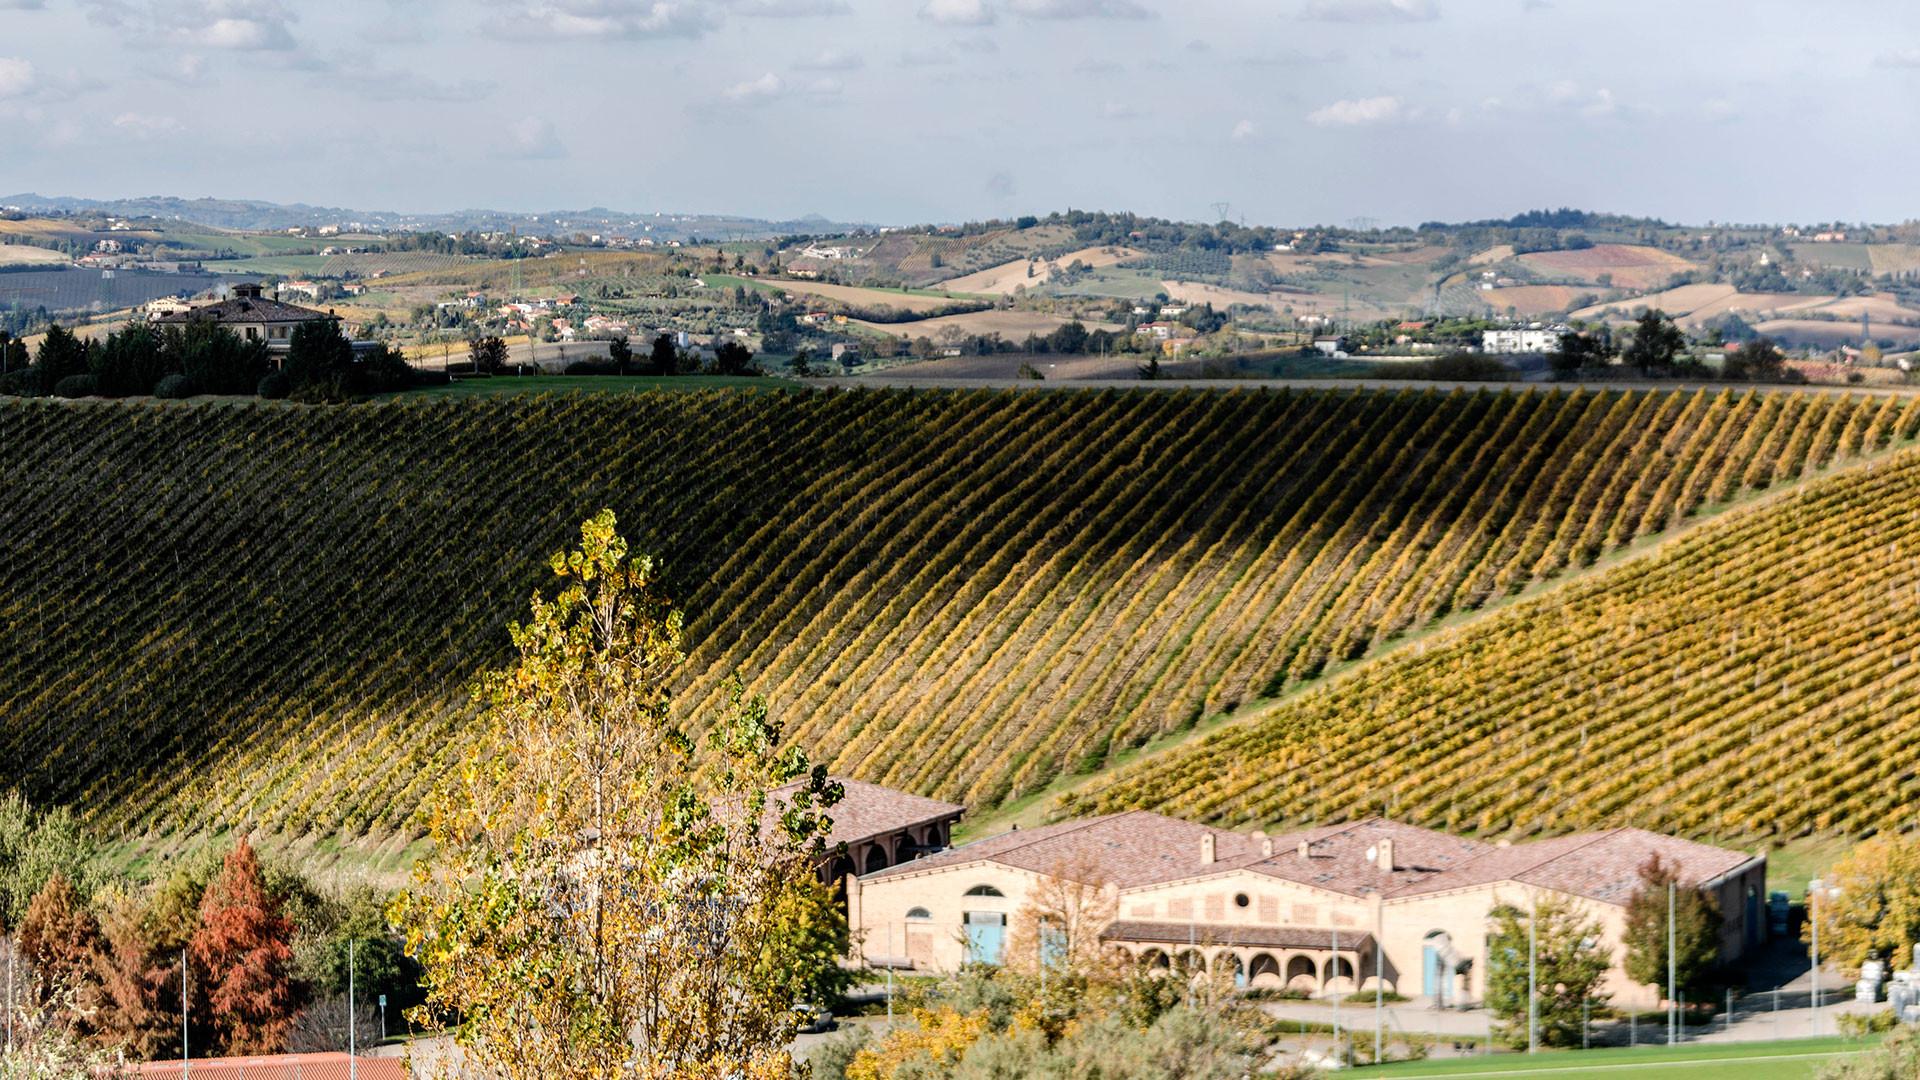 San Patrignano's vineyards